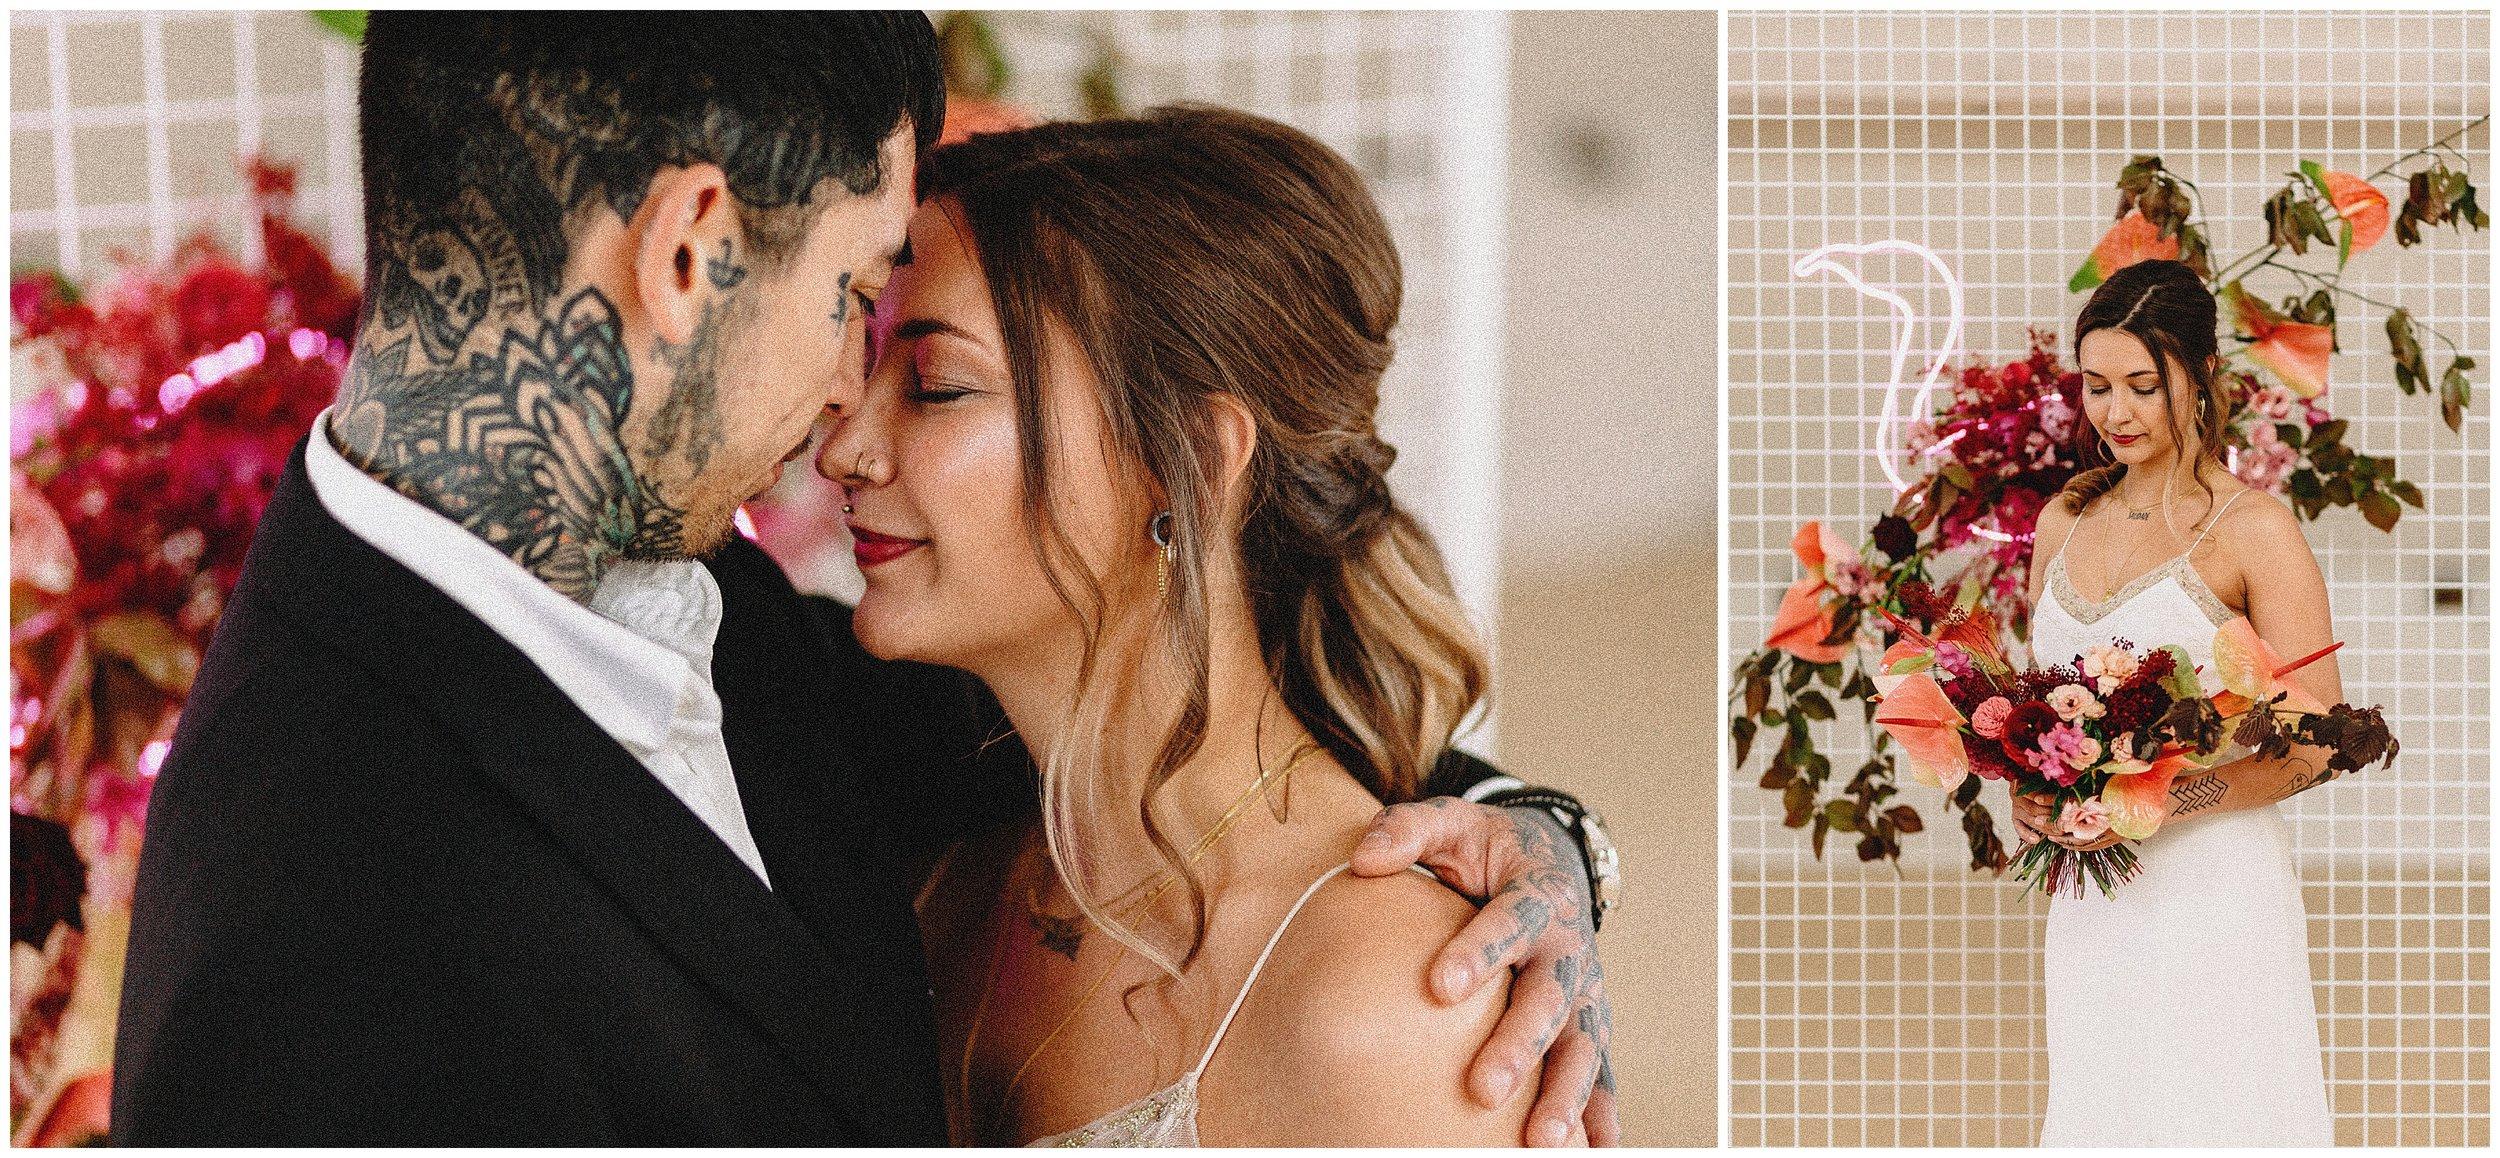 huwelijksfotografie-huwelijk-kempen-kust-lisa-helsen-photography_0001.jpg